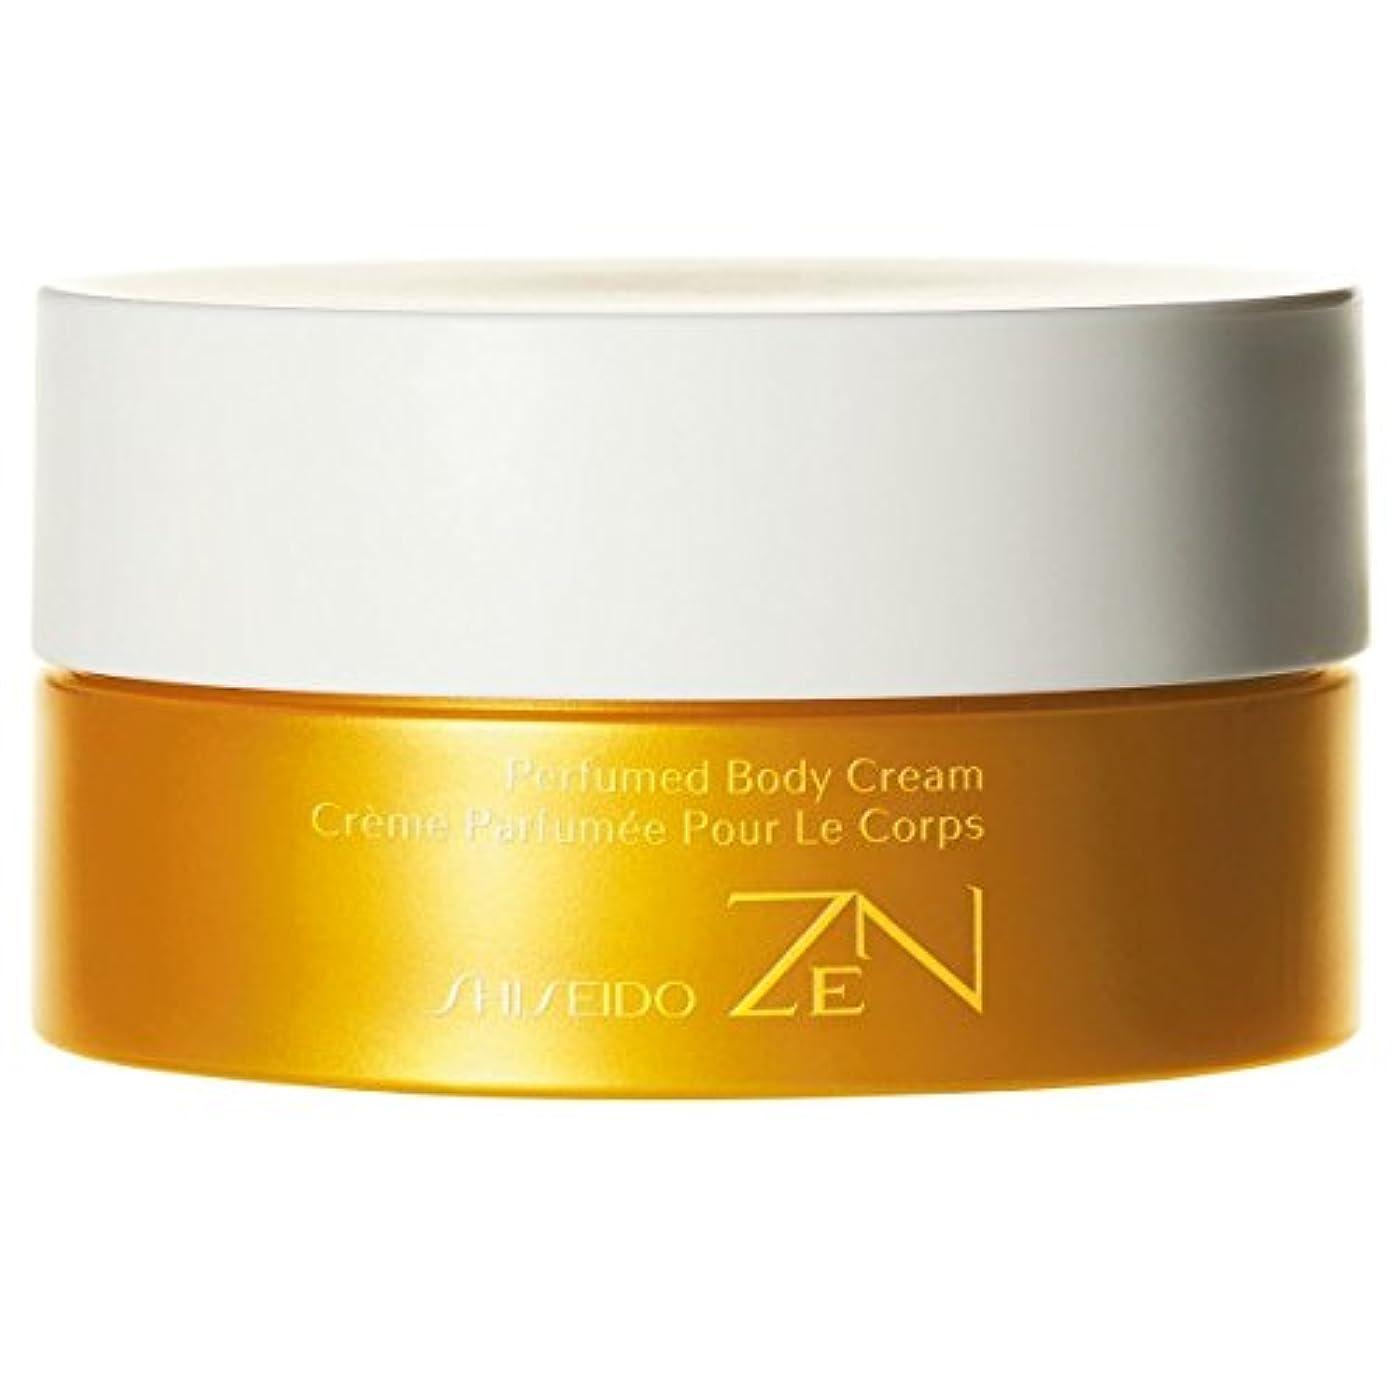 ここに相対性理論本能[Shiseido ] 資生堂禅香りのボディクリーム200ミリリットル - Shiseido Zen Perfumed Body Cream 200ml [並行輸入品]